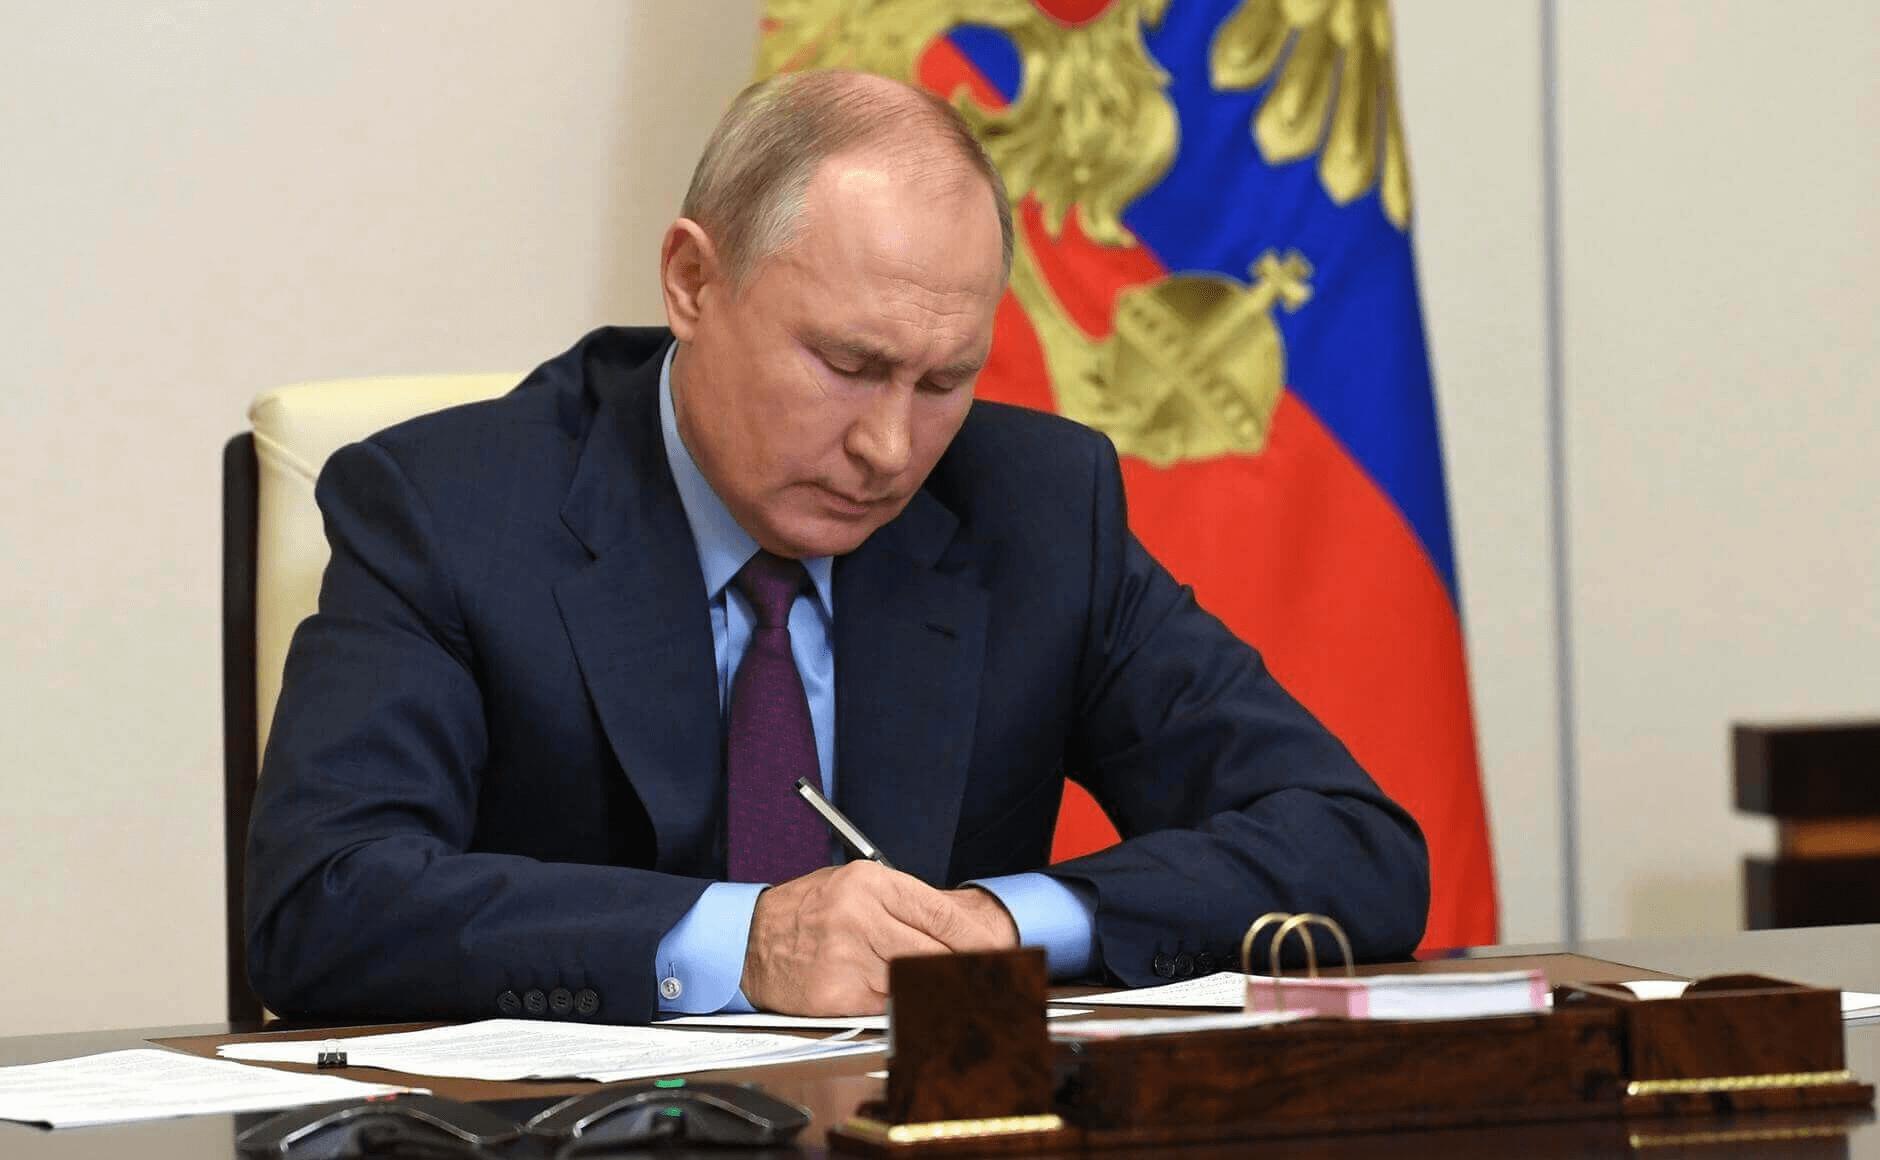 Путин подписал указы о единовременной выплате военным и правоохранителям